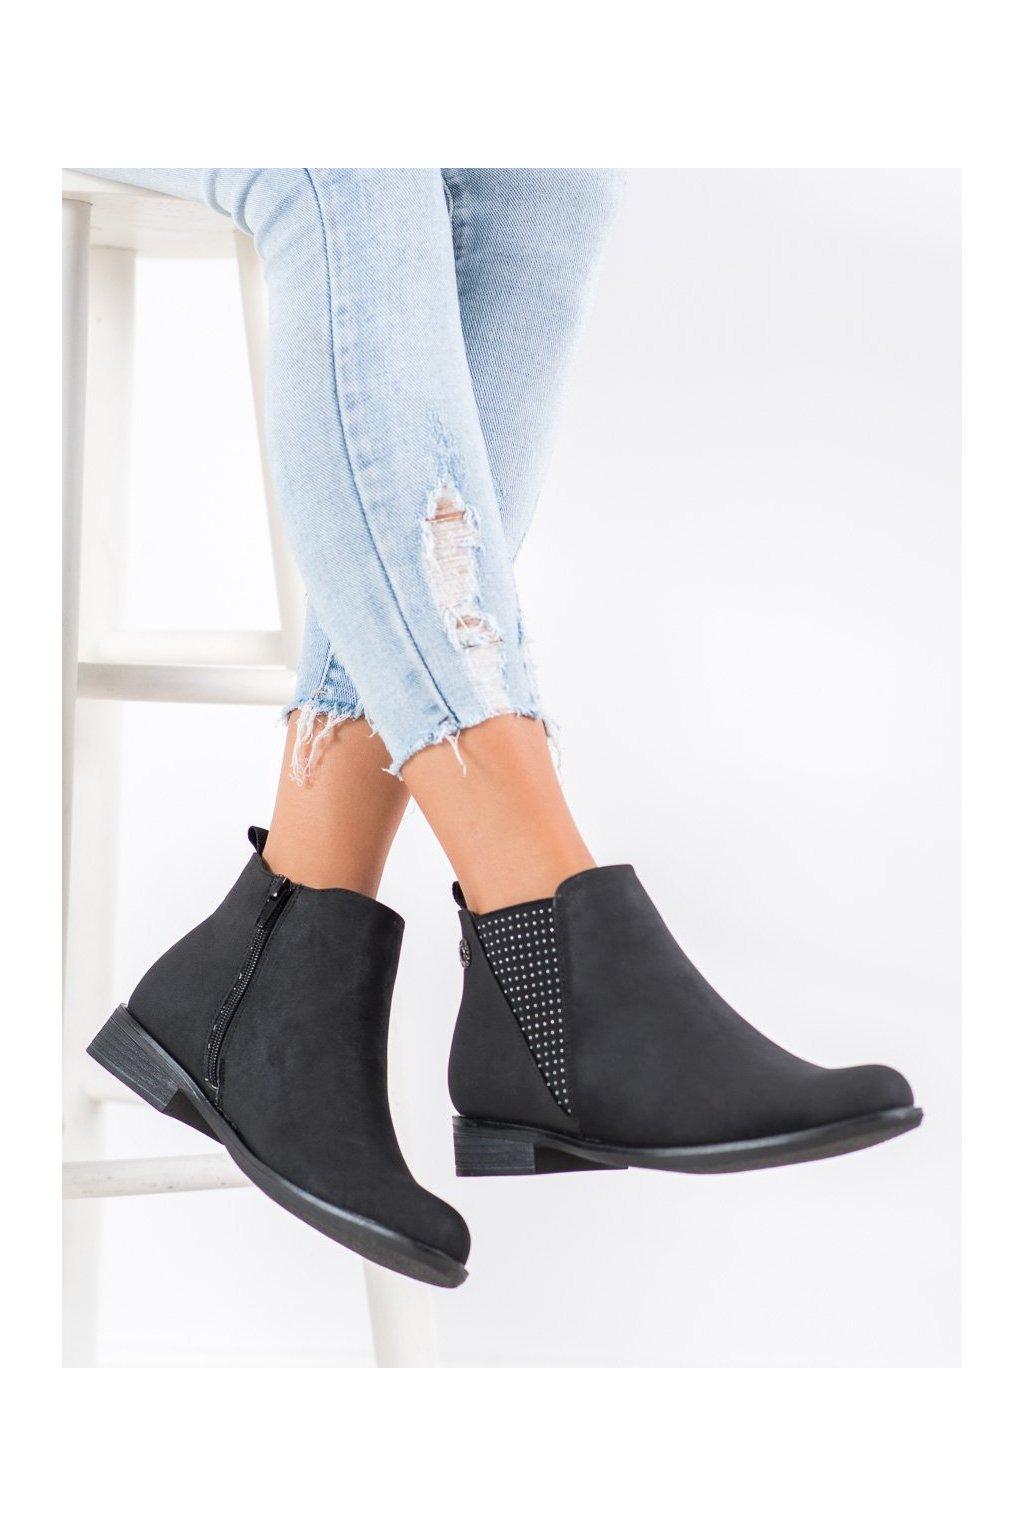 Čierne dámske topánky Goodin kod GD-BM-113A-B